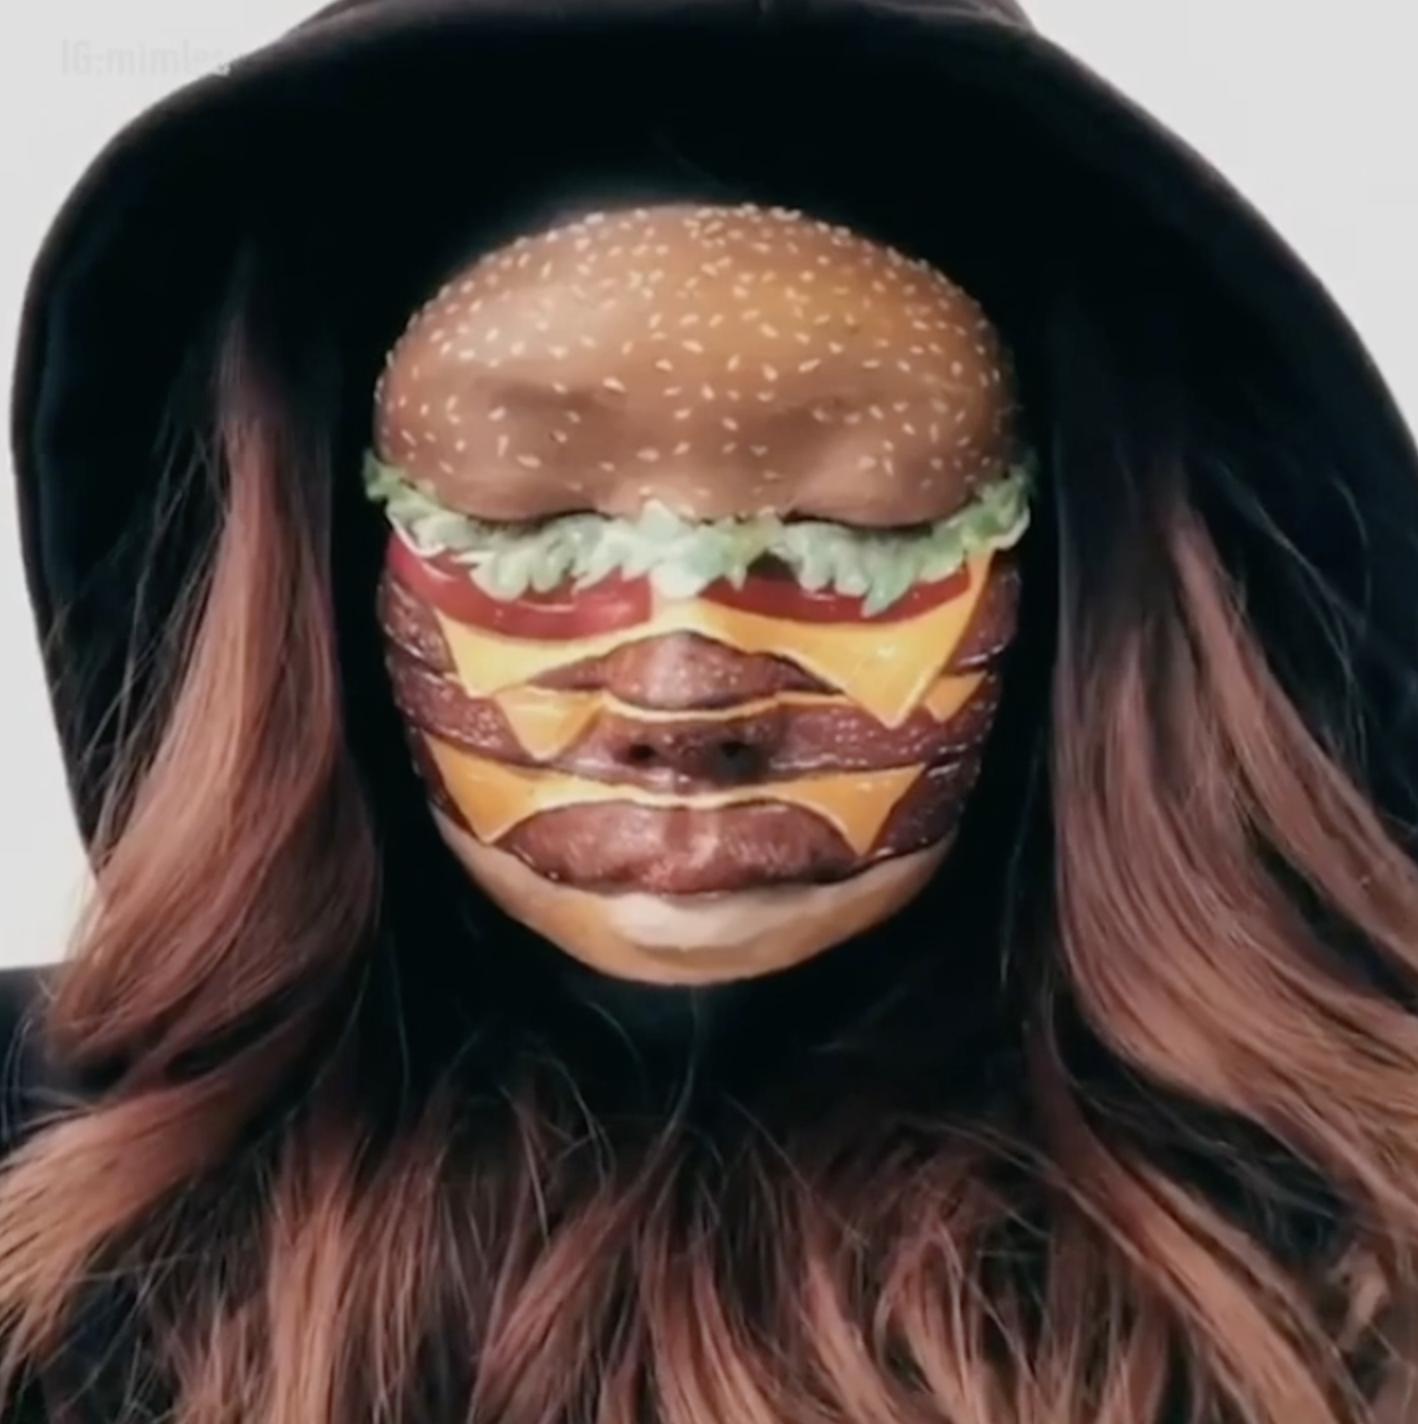 Kanađanka svoje lice pretvara u hamburger, a prste u pomfrit